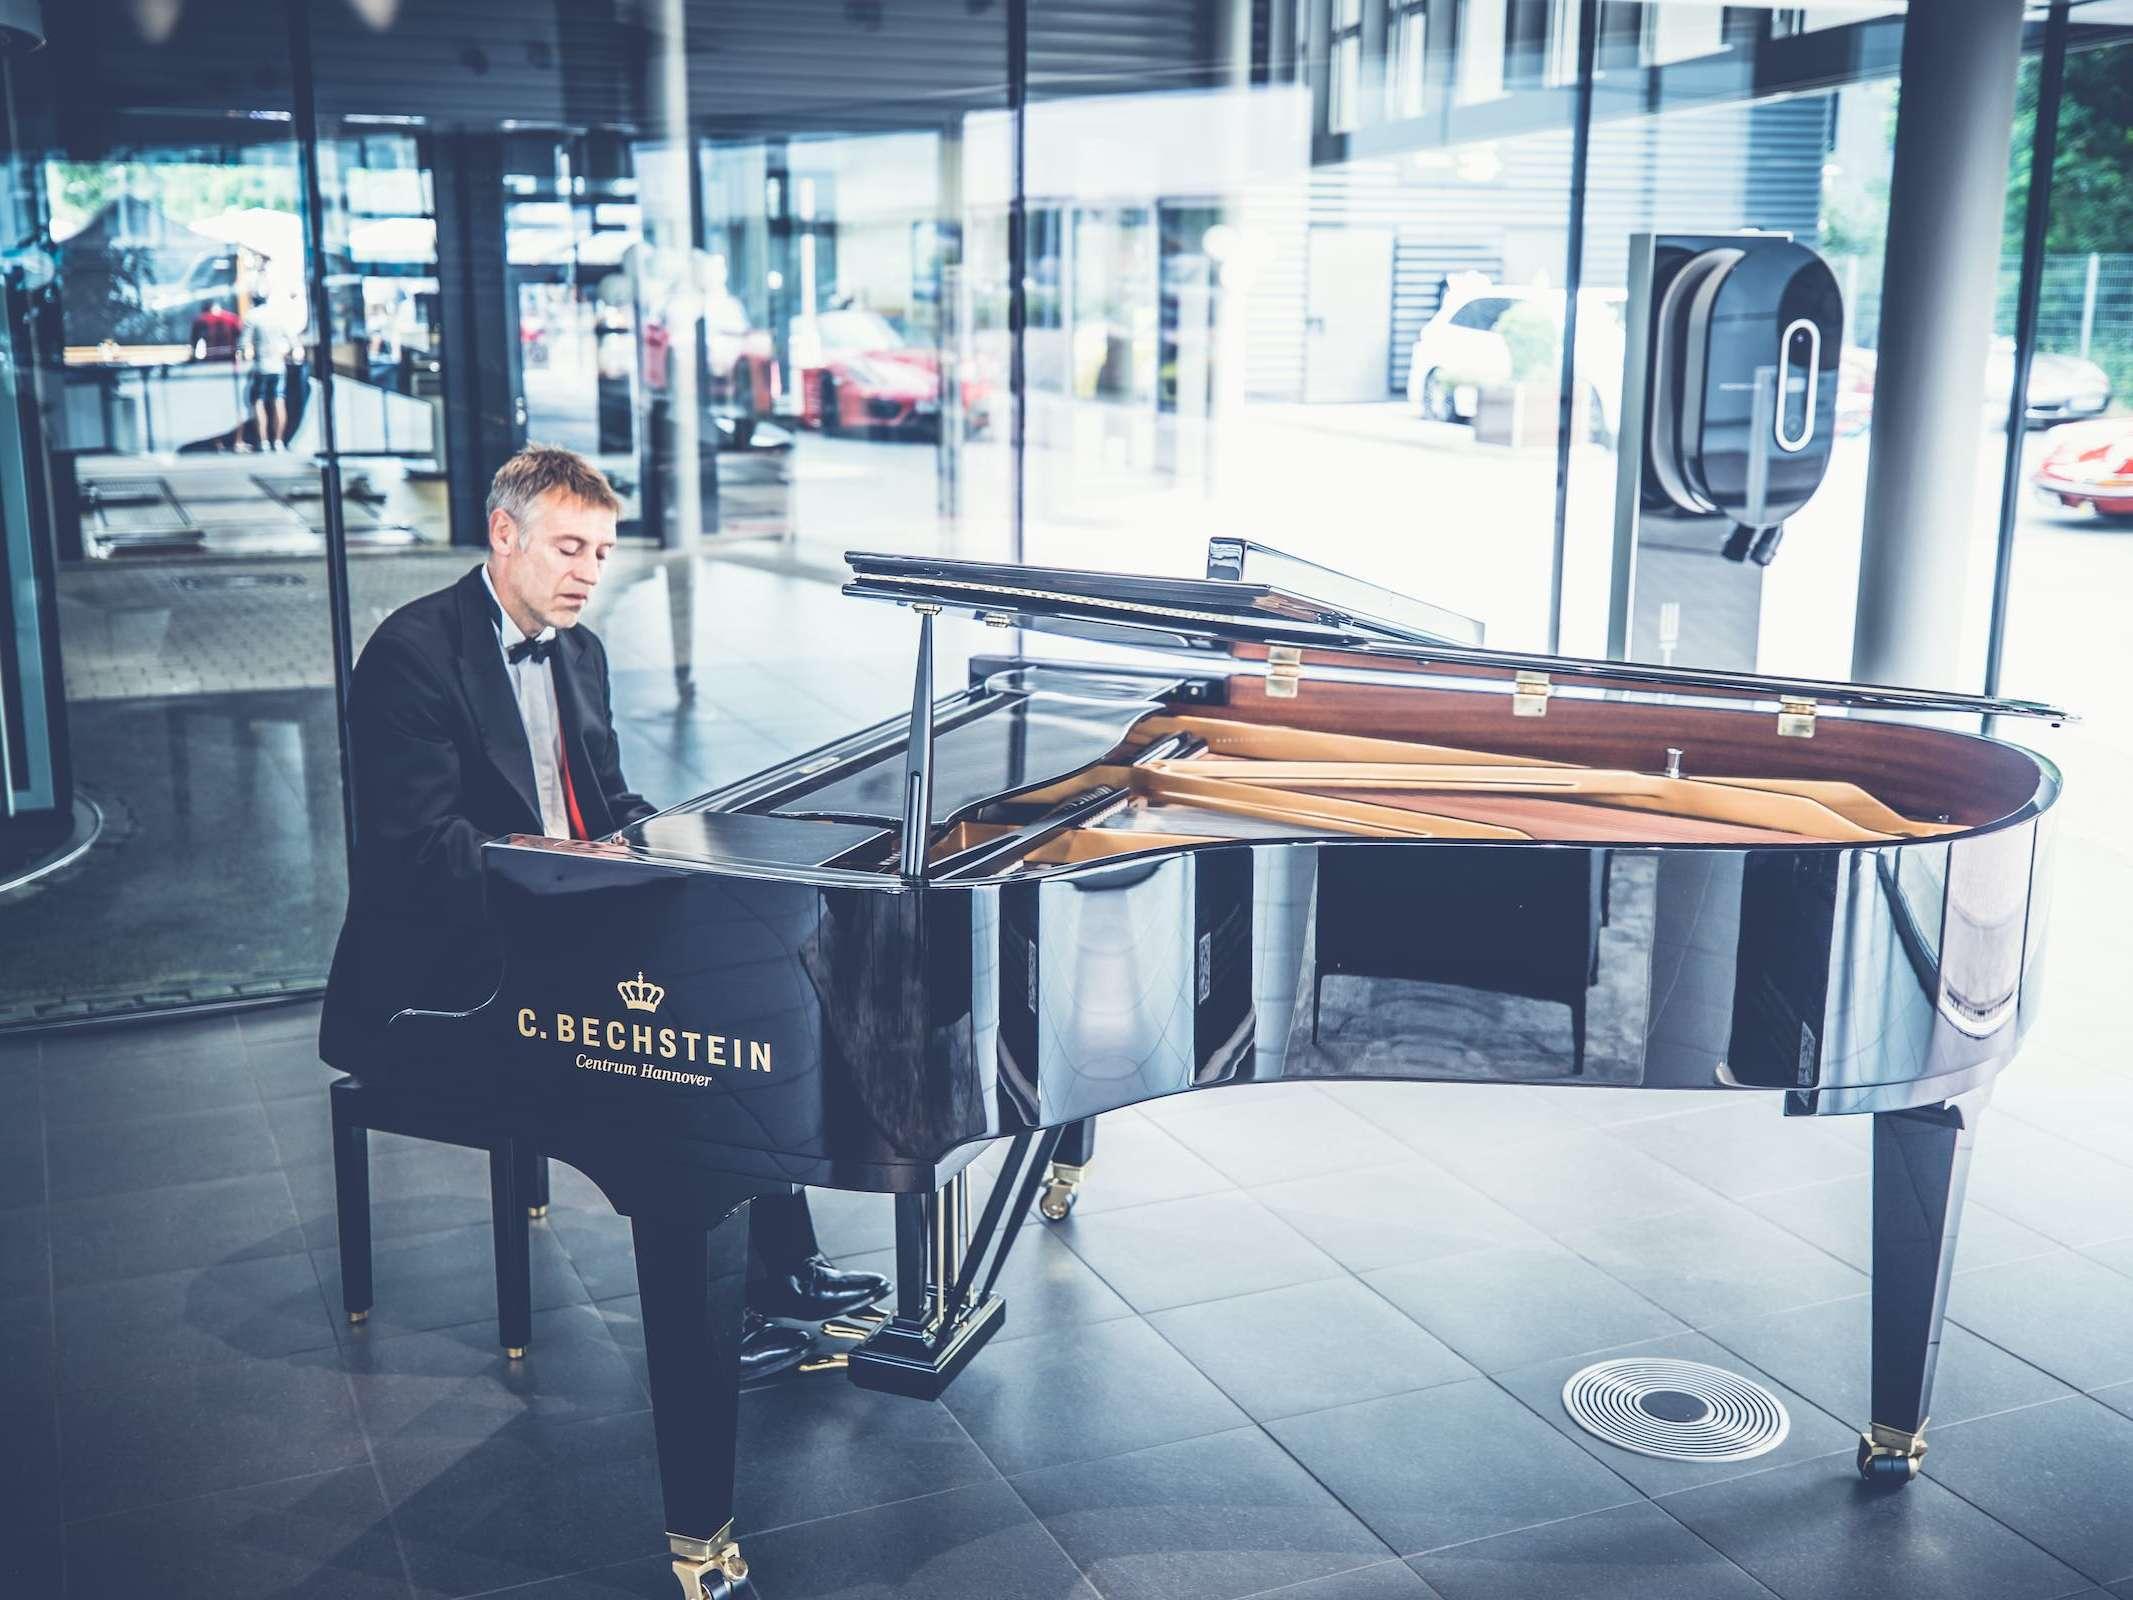 Band | Hannover | Liveband | Livemusik | Jazzband | Swingband | Popband | Swing | Jazz | Motown | Soul | Pianist | Klavierspieler | Hochzeit | Messe | Firmenfeier | Charity | Gala | Buchen | Mieten |Anfragen |Modern-Jukes